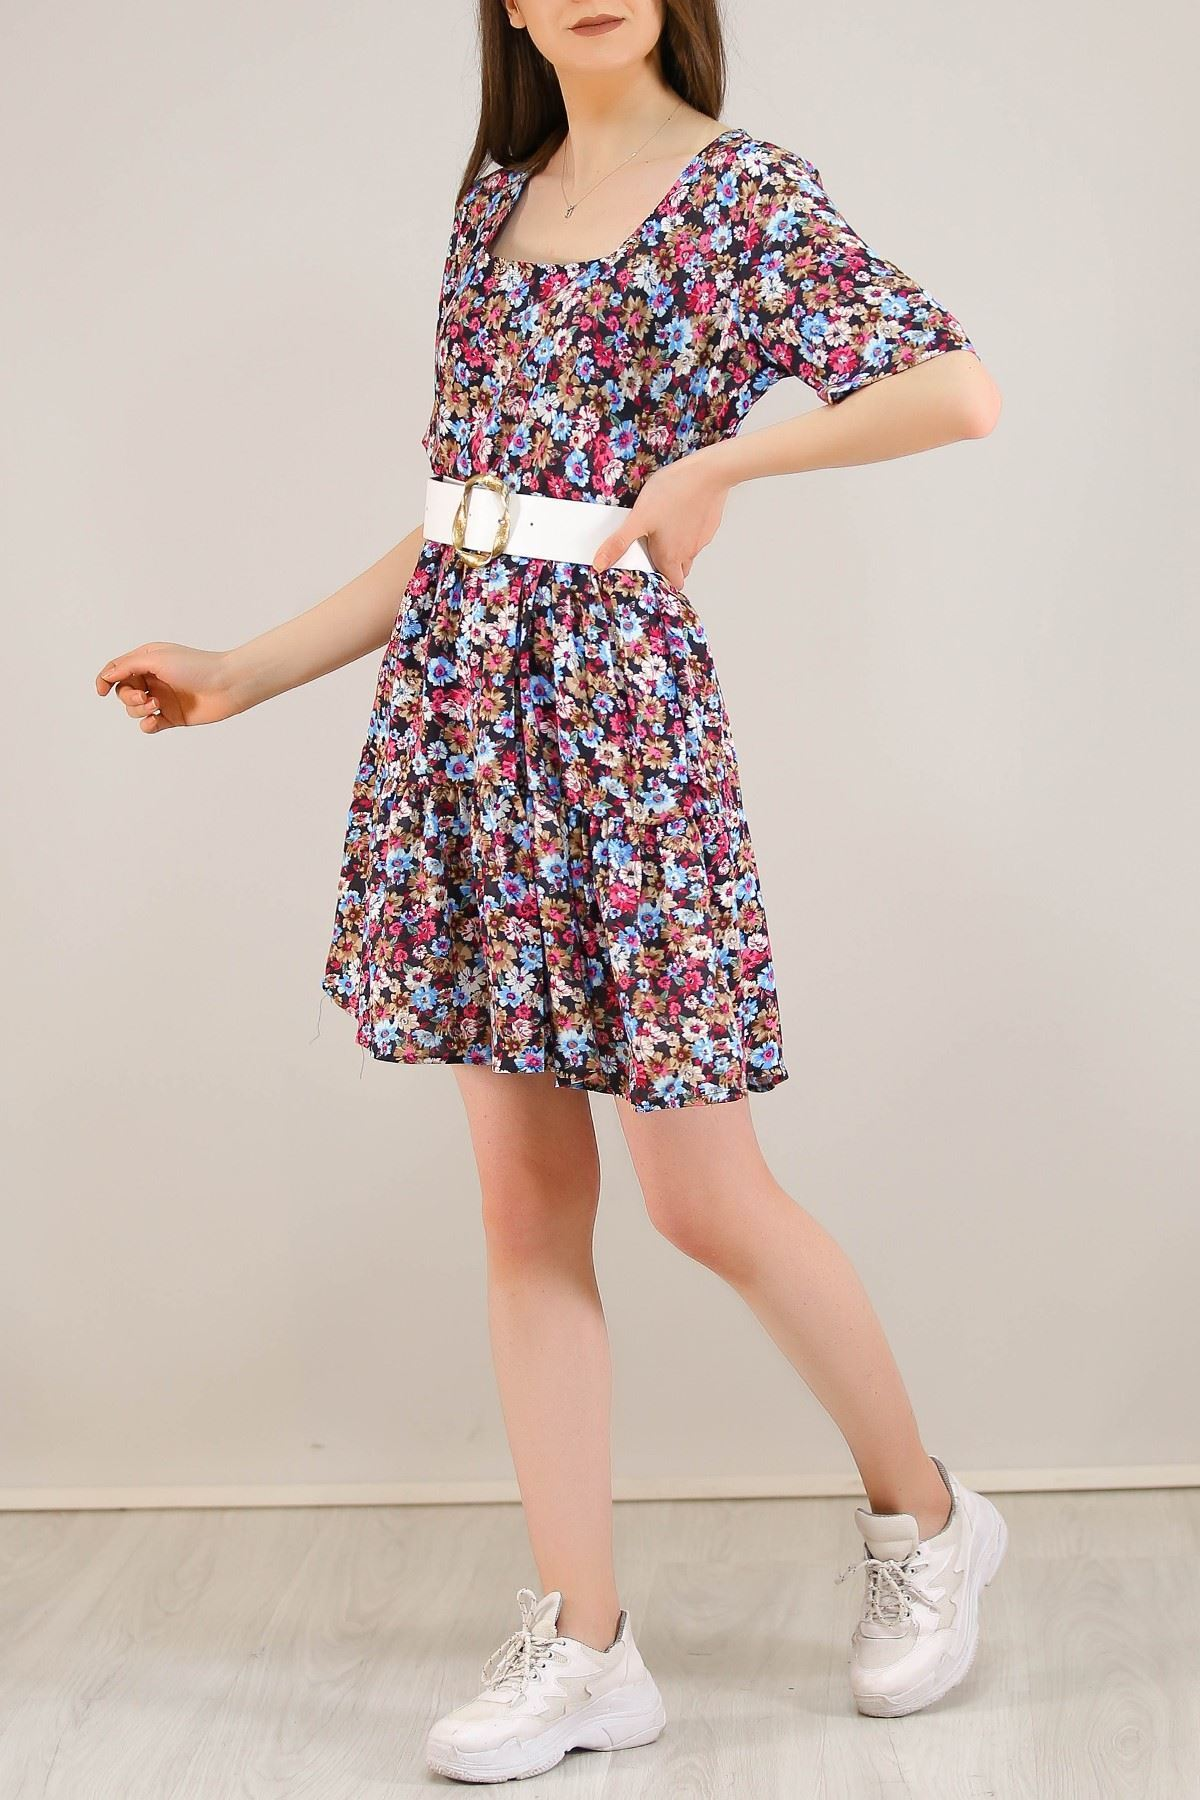 Çerçeve Yaka Kısa Elbise Pembemavi - 5221.701.